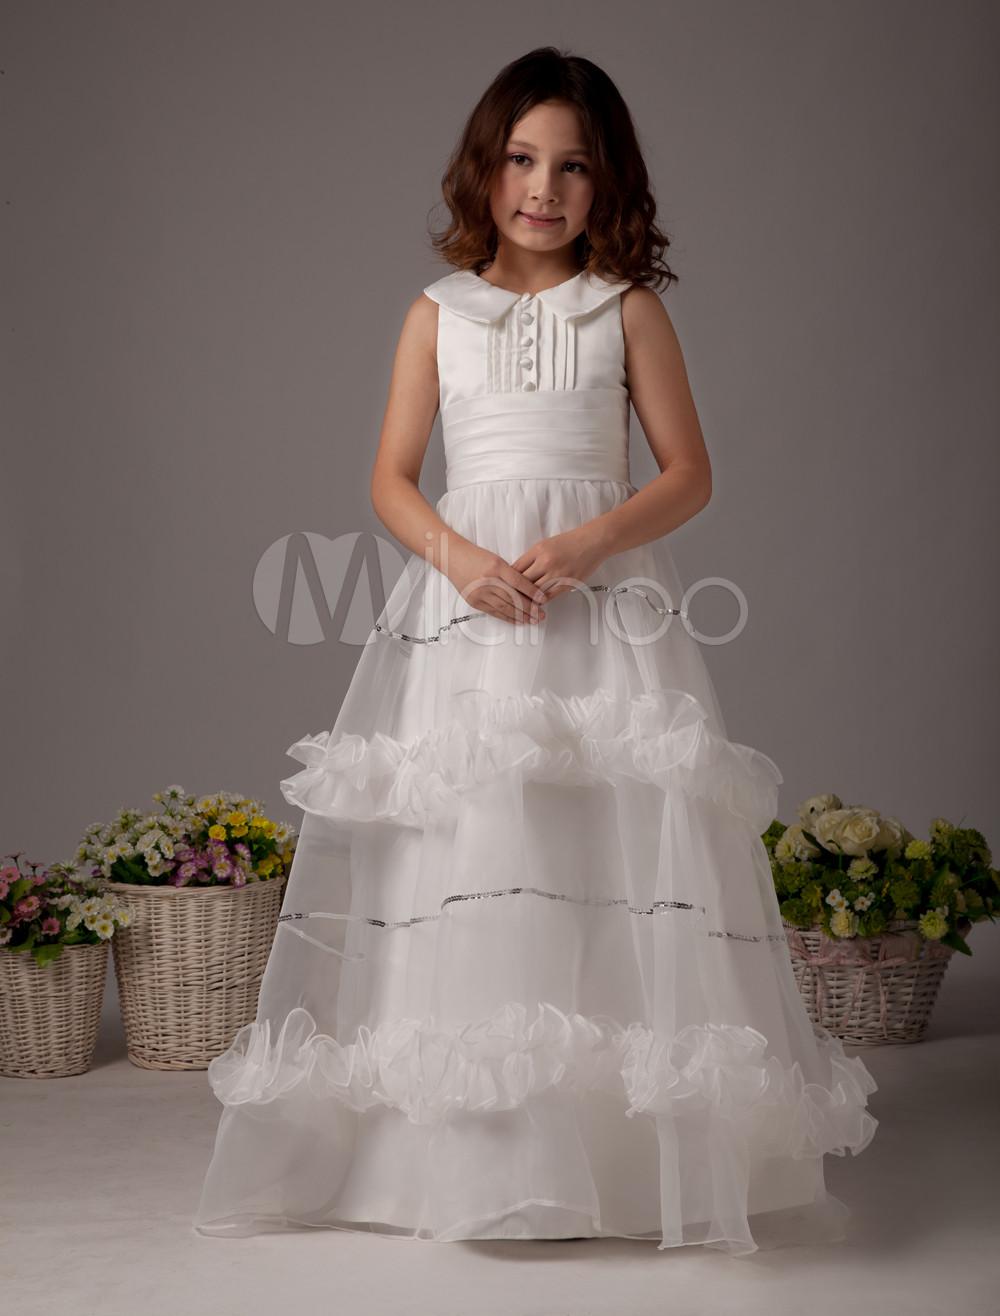 White Flower Girl Dress Boho Satin Sleeveless Long Dresses For Little Girls